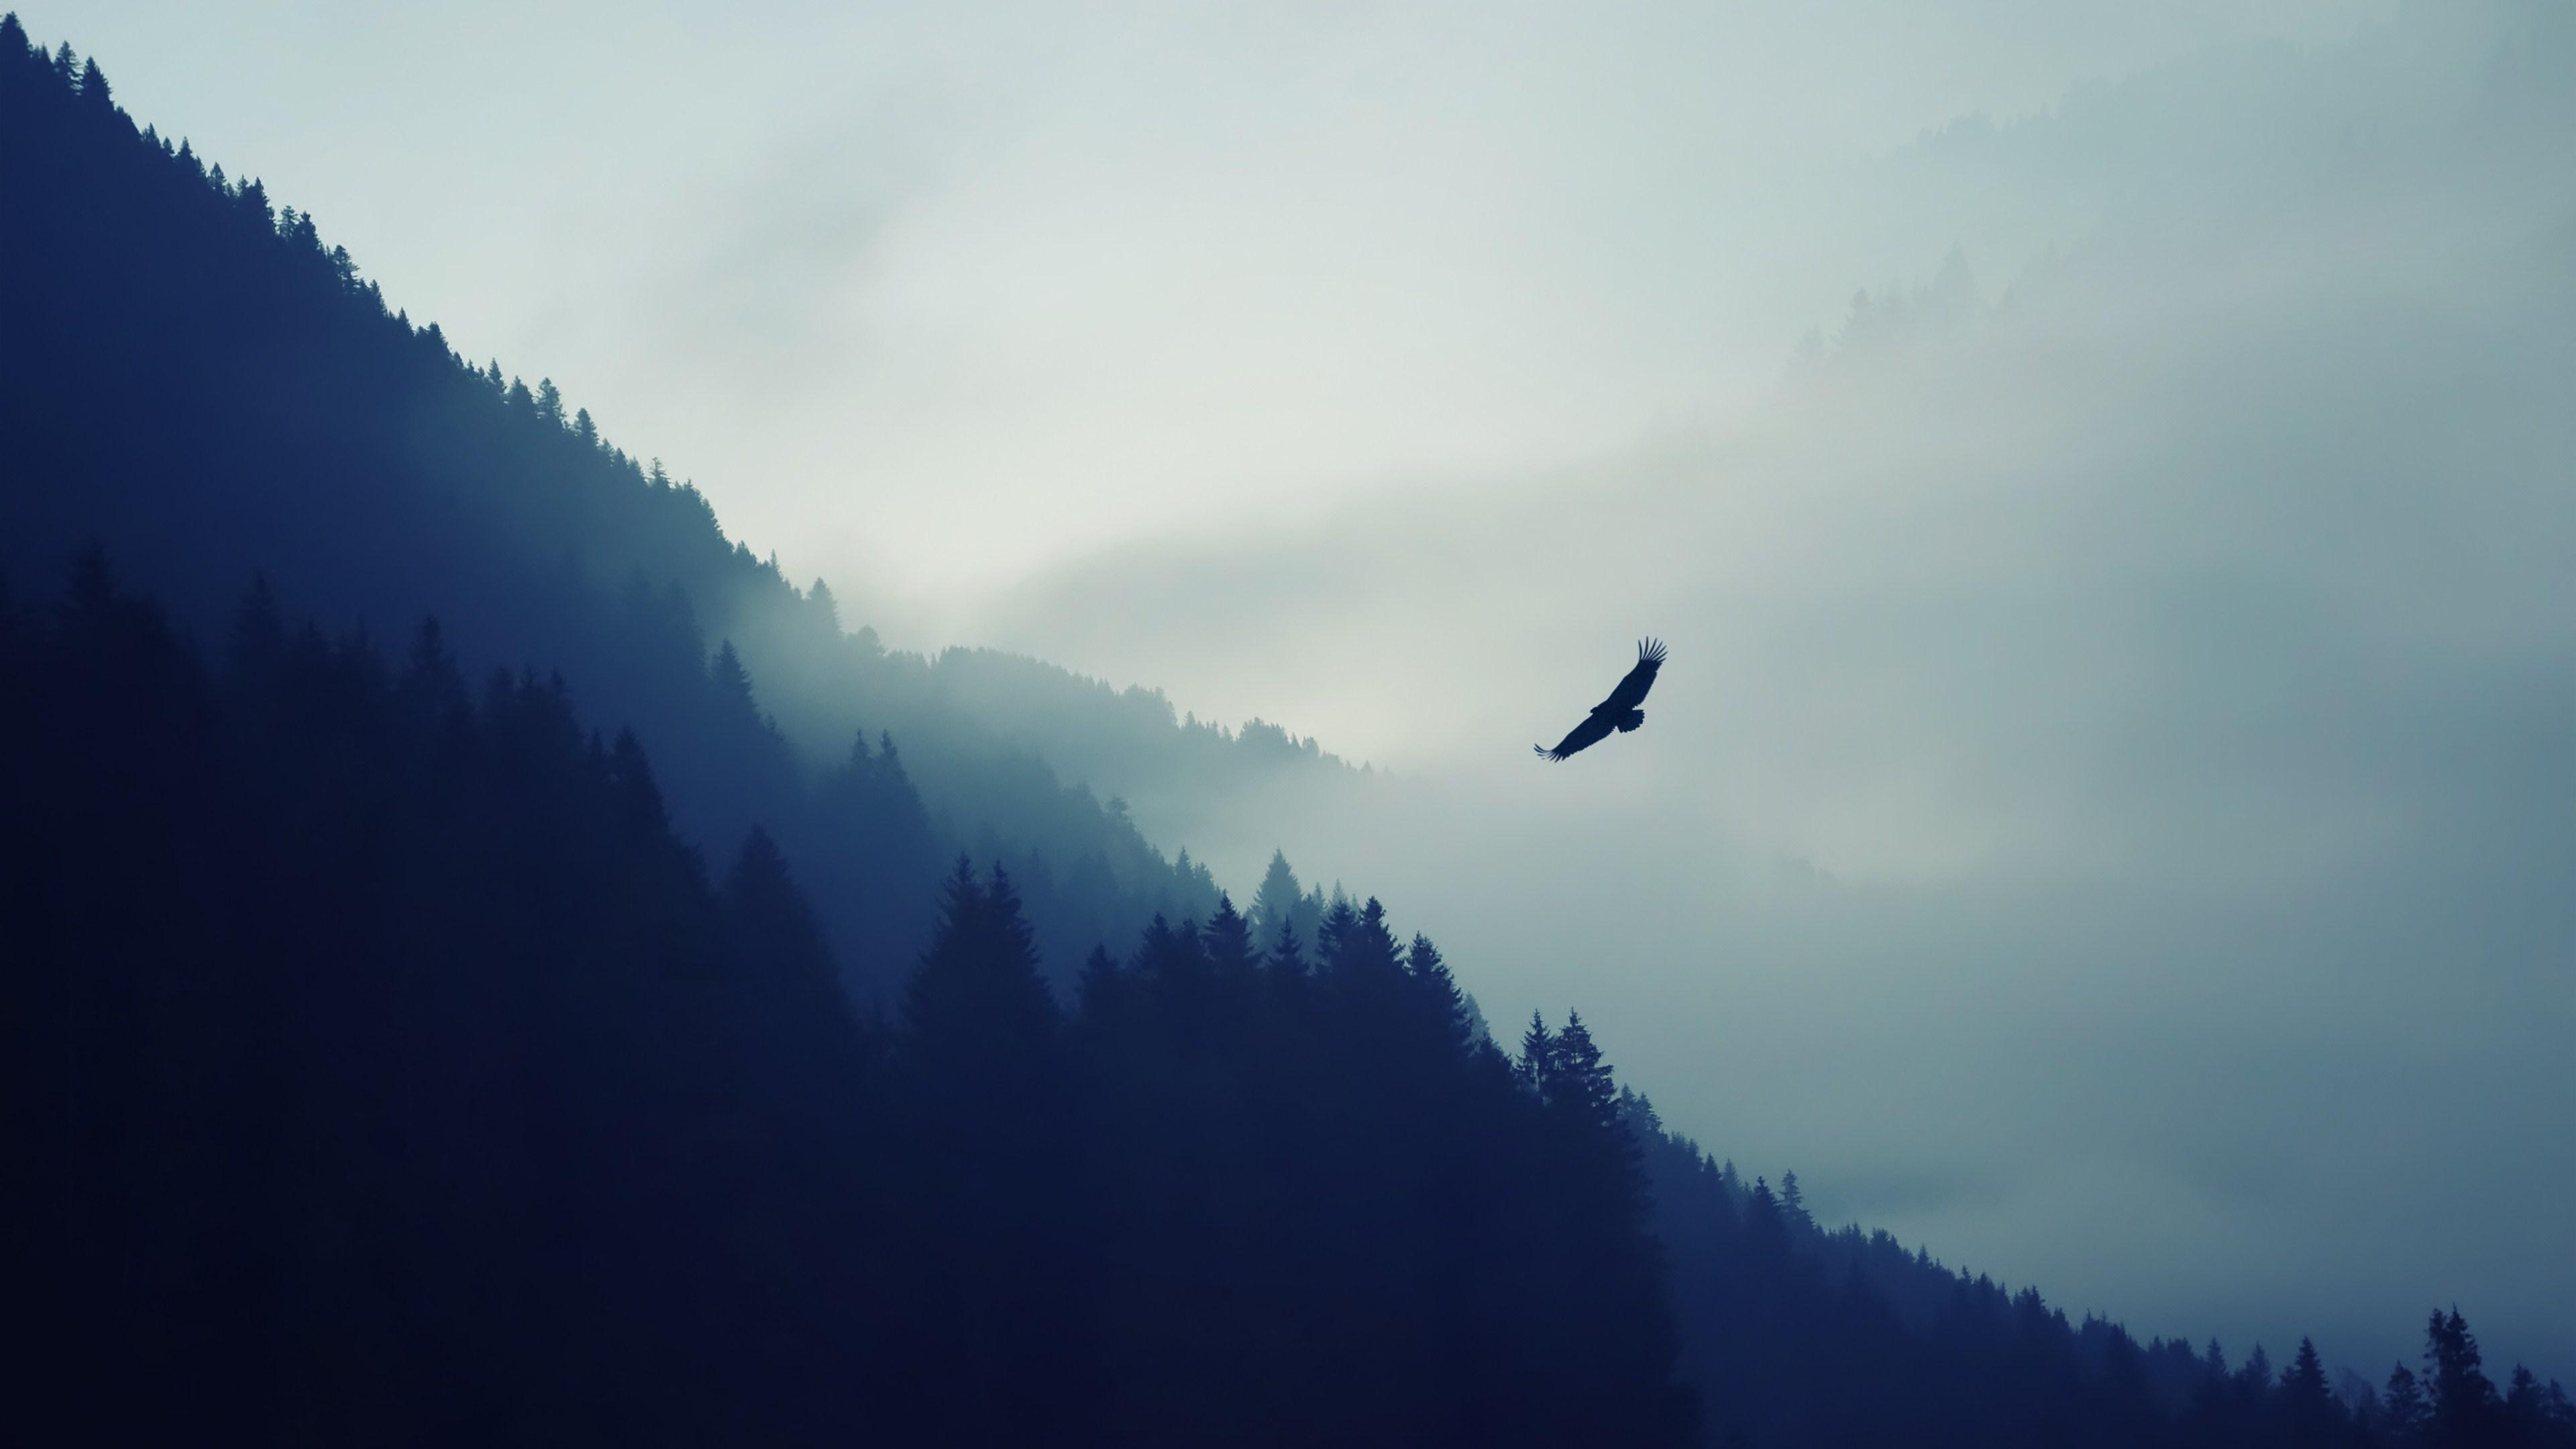 Hình nền phong cảnh thiên nhiên đẹp nhất